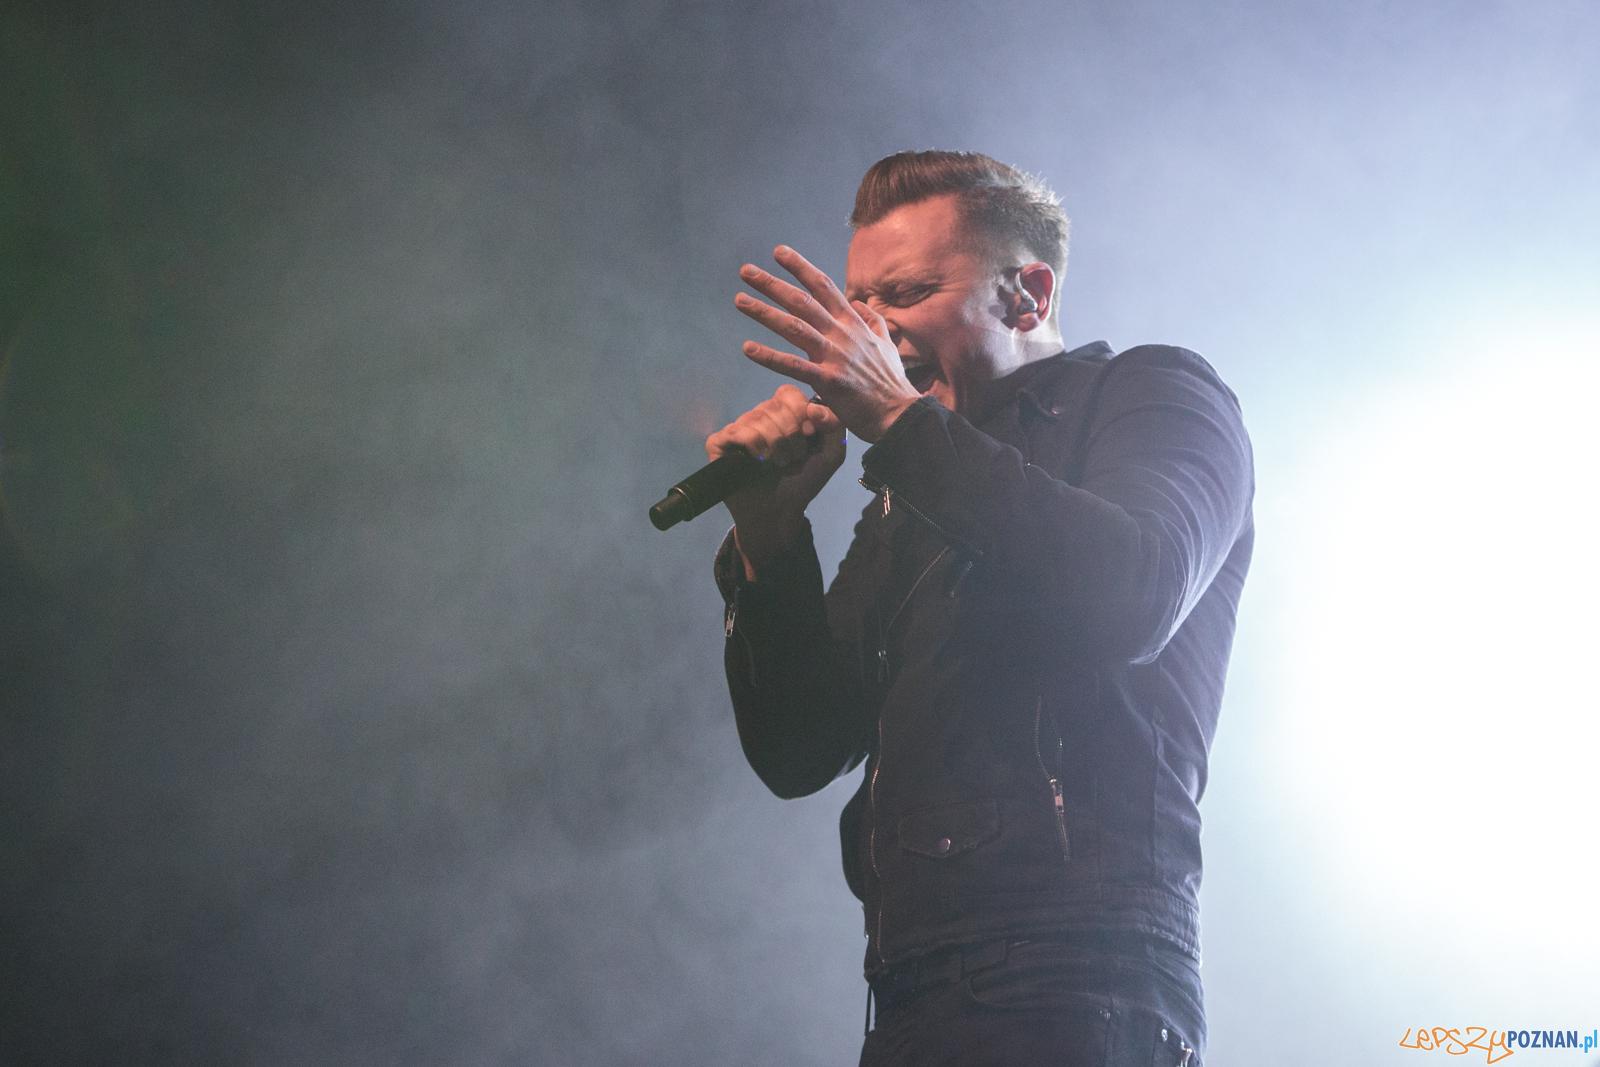 Koncert U2 Symfonicznie w poznańskiej Arenie - Poznań 2.03.201  Foto: LepszyPOZNAN.pl / Paweł Rychter